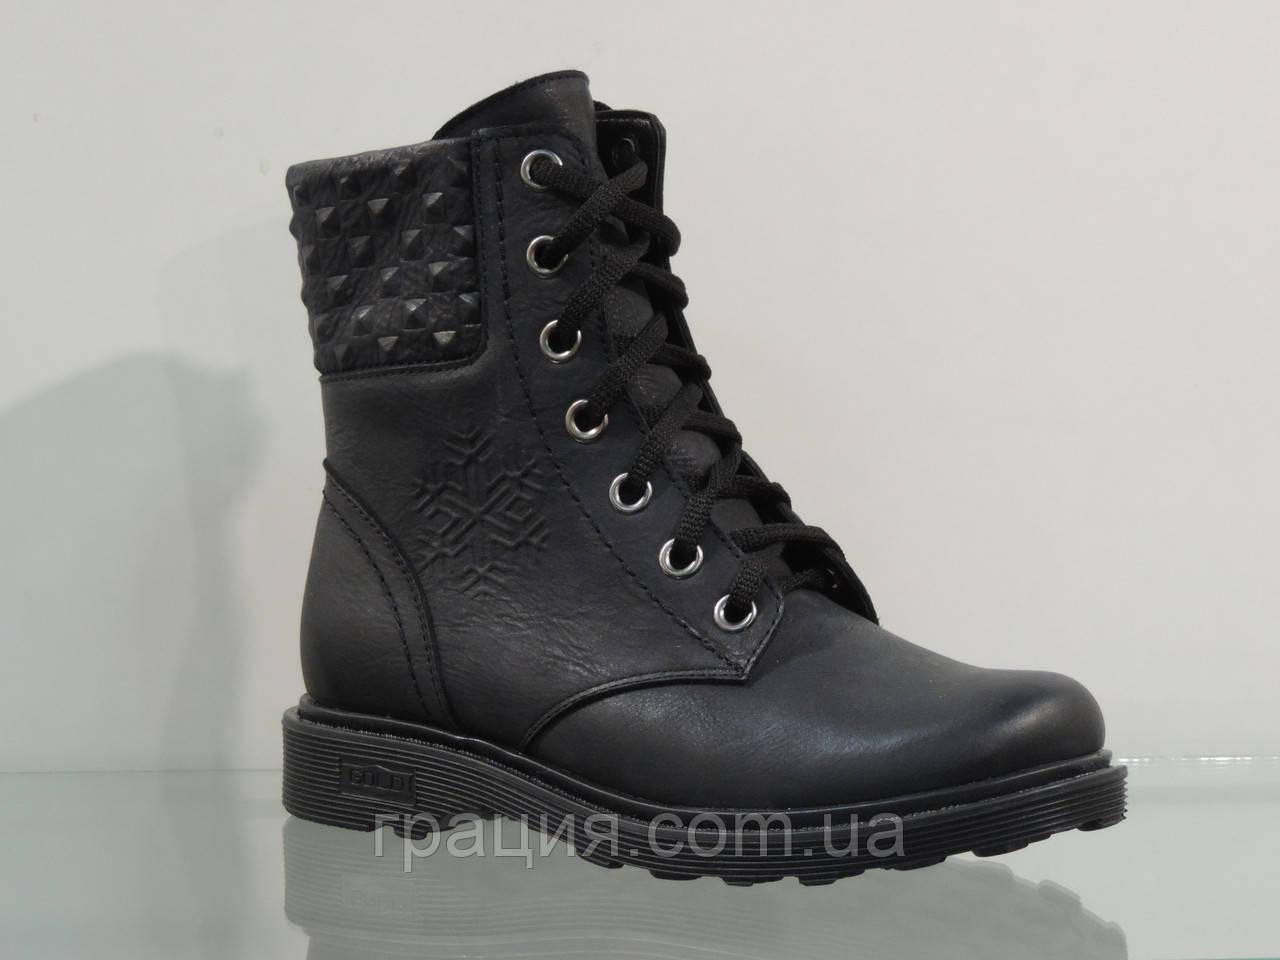 Зимние женские кожаные ботинки на шнуровке черные